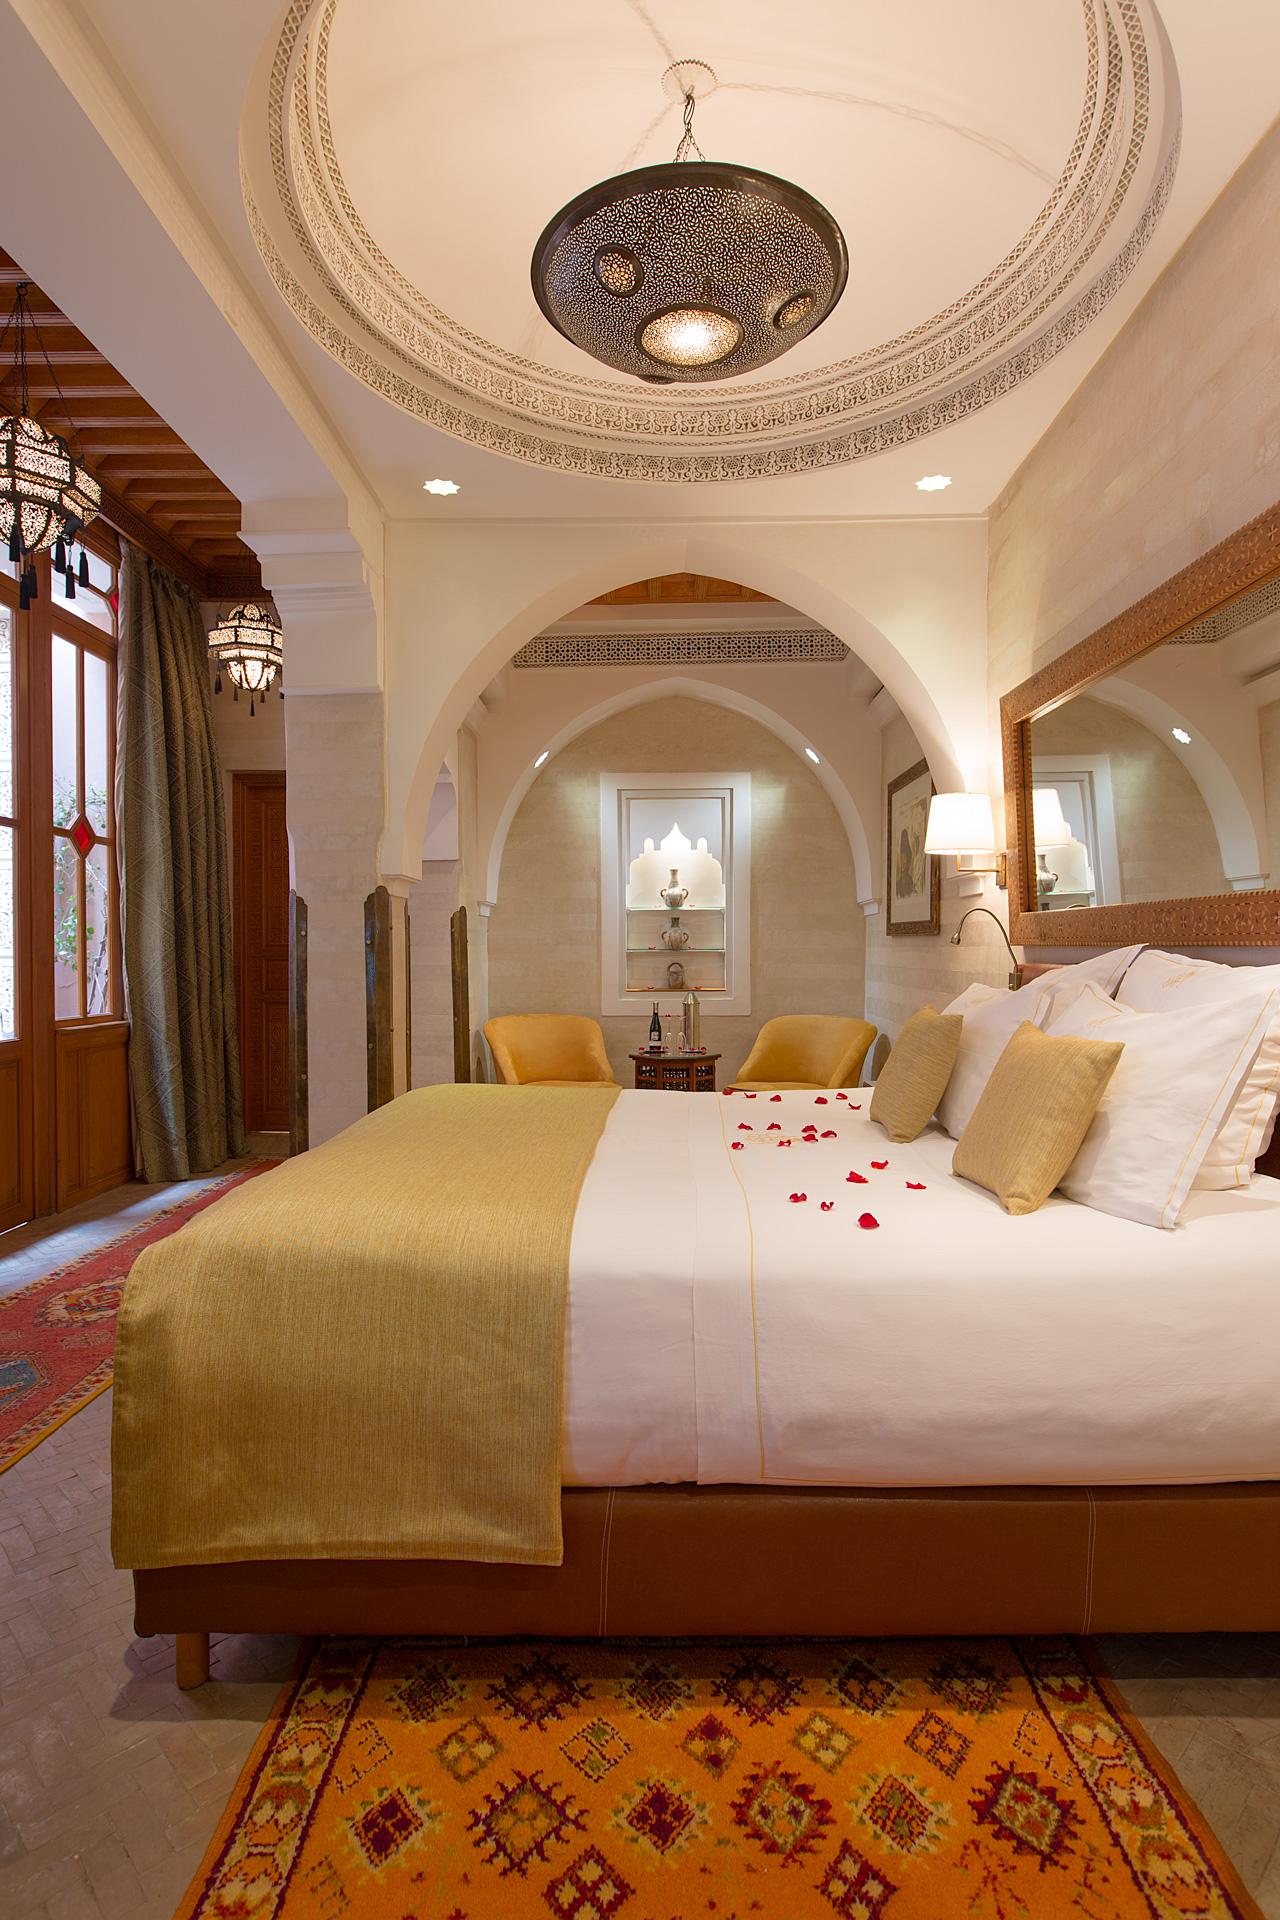 hospitality_tourism_29